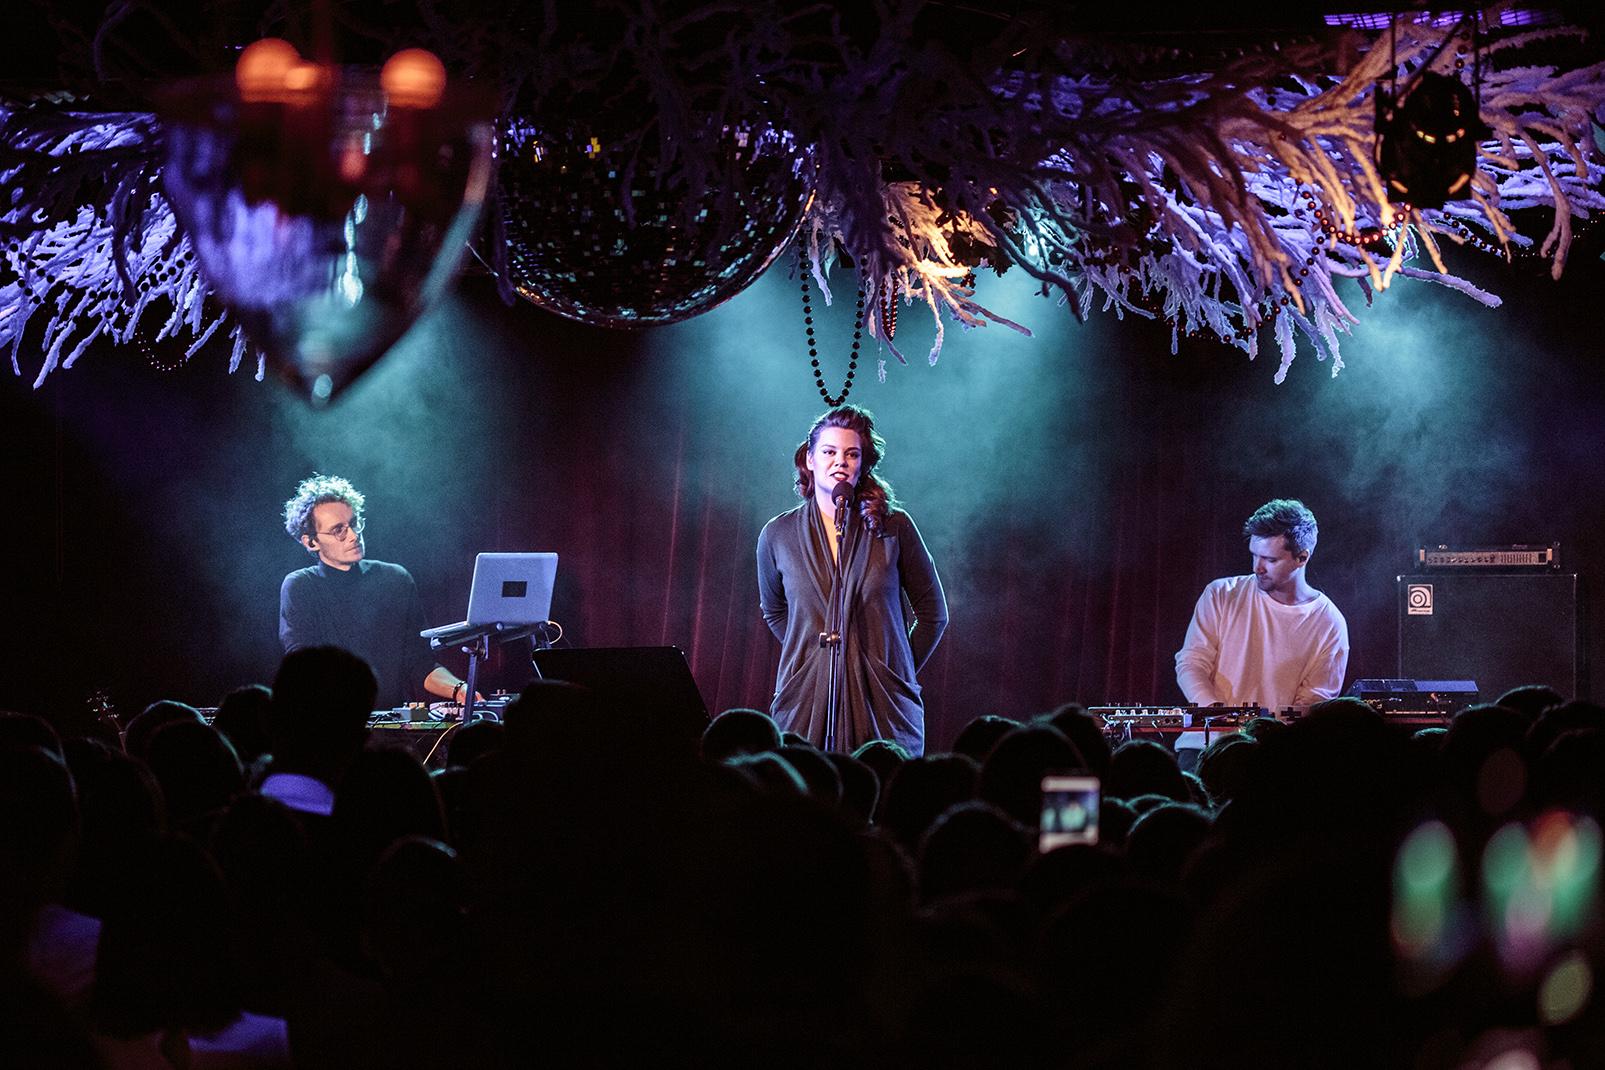 Фото Вера Полозкова, Единственный рождественский концерт